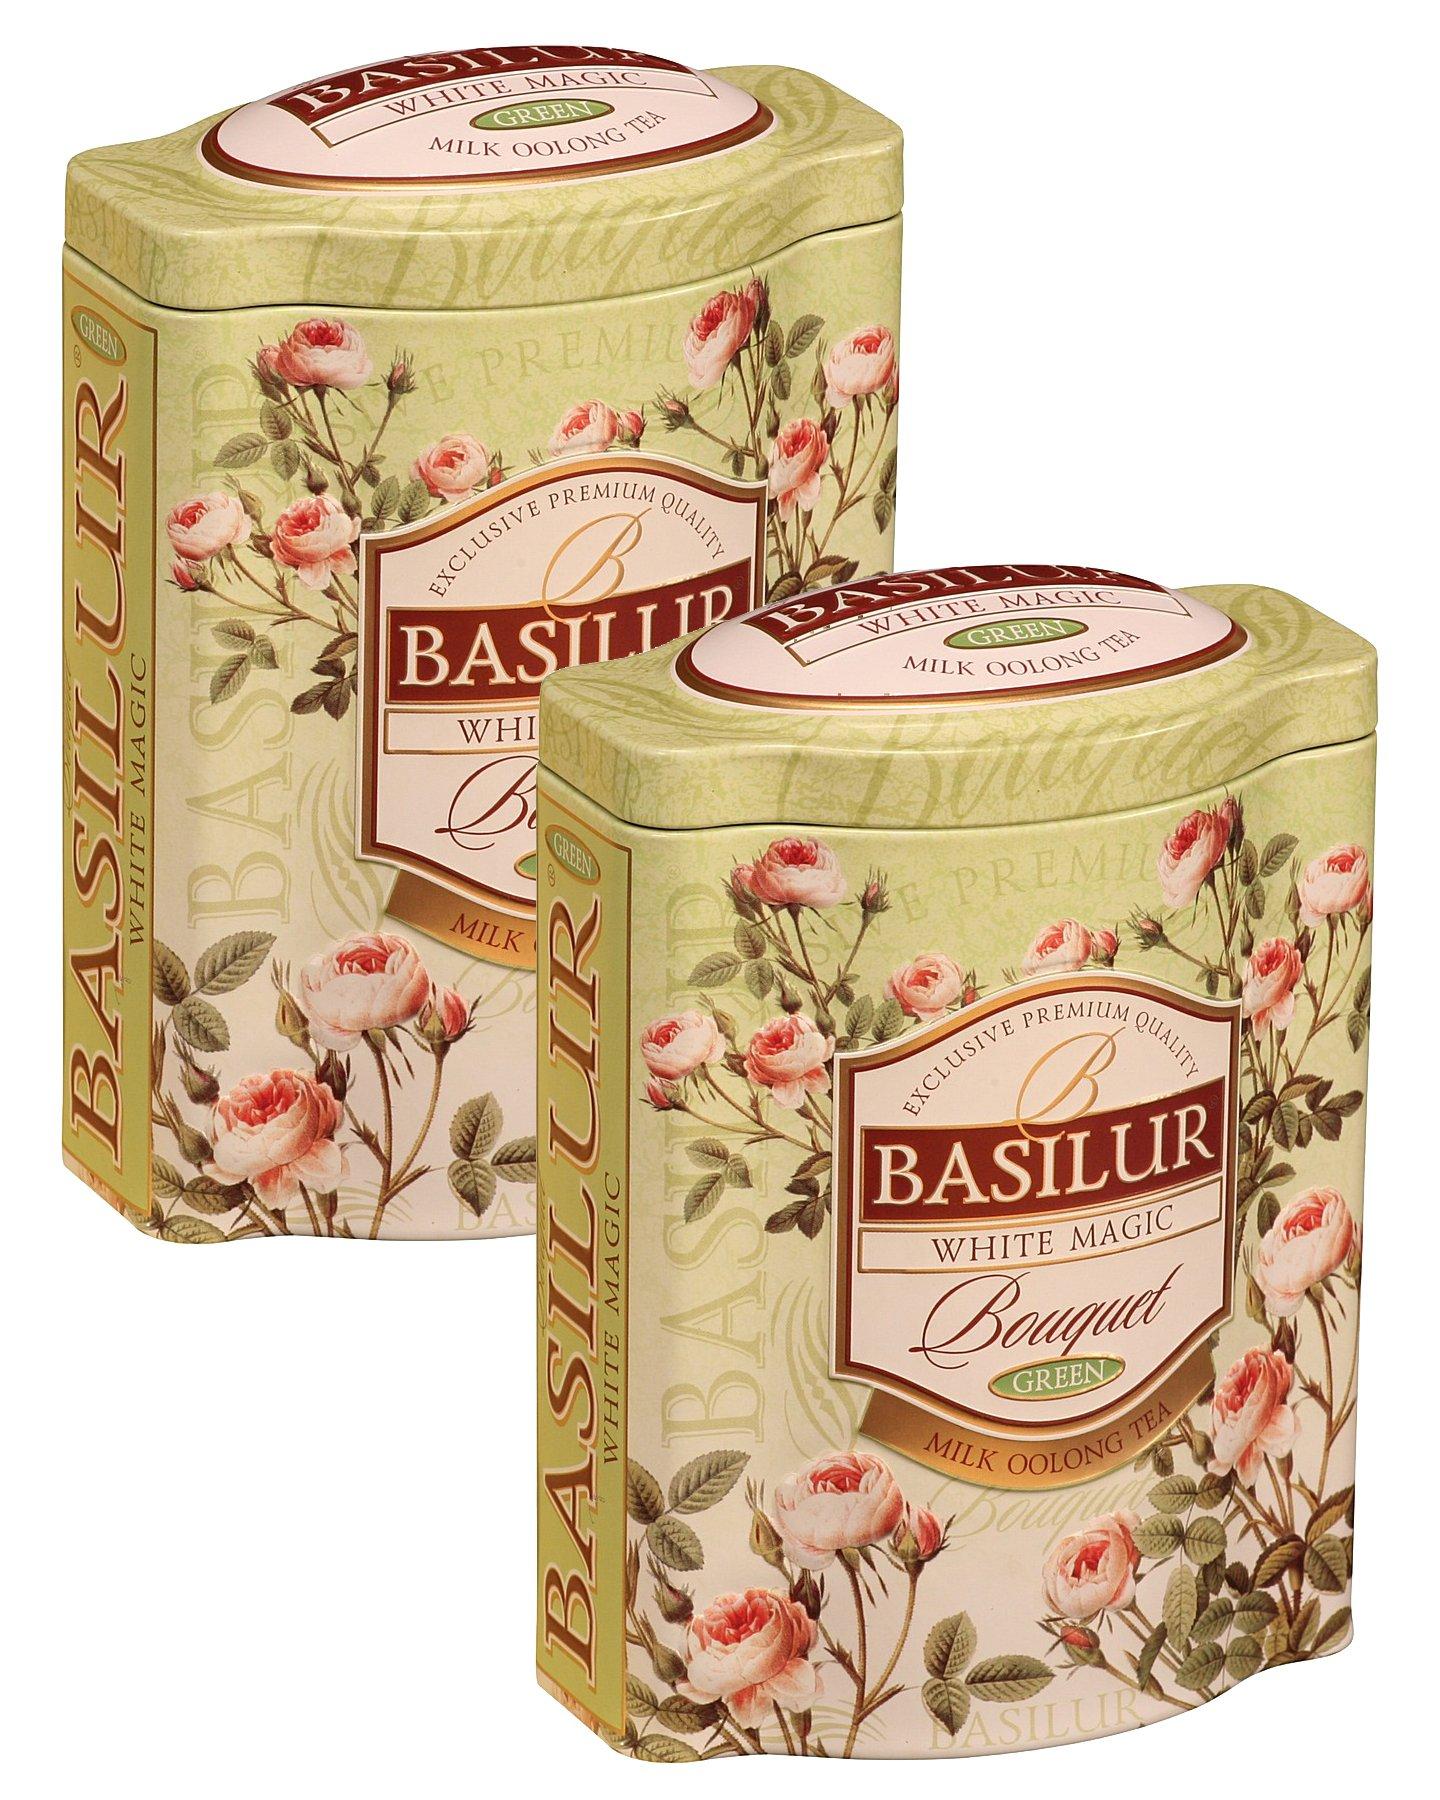 Basilur | White Magic Tea | Rare Milk Oolong Green Tea | Ultra- Premium Ceylon Green Loose Tea | Bouquet Collection | Single Origin | Non GMO | 100g / 3.52 oz. Tin Caddy | (Pack of 2)